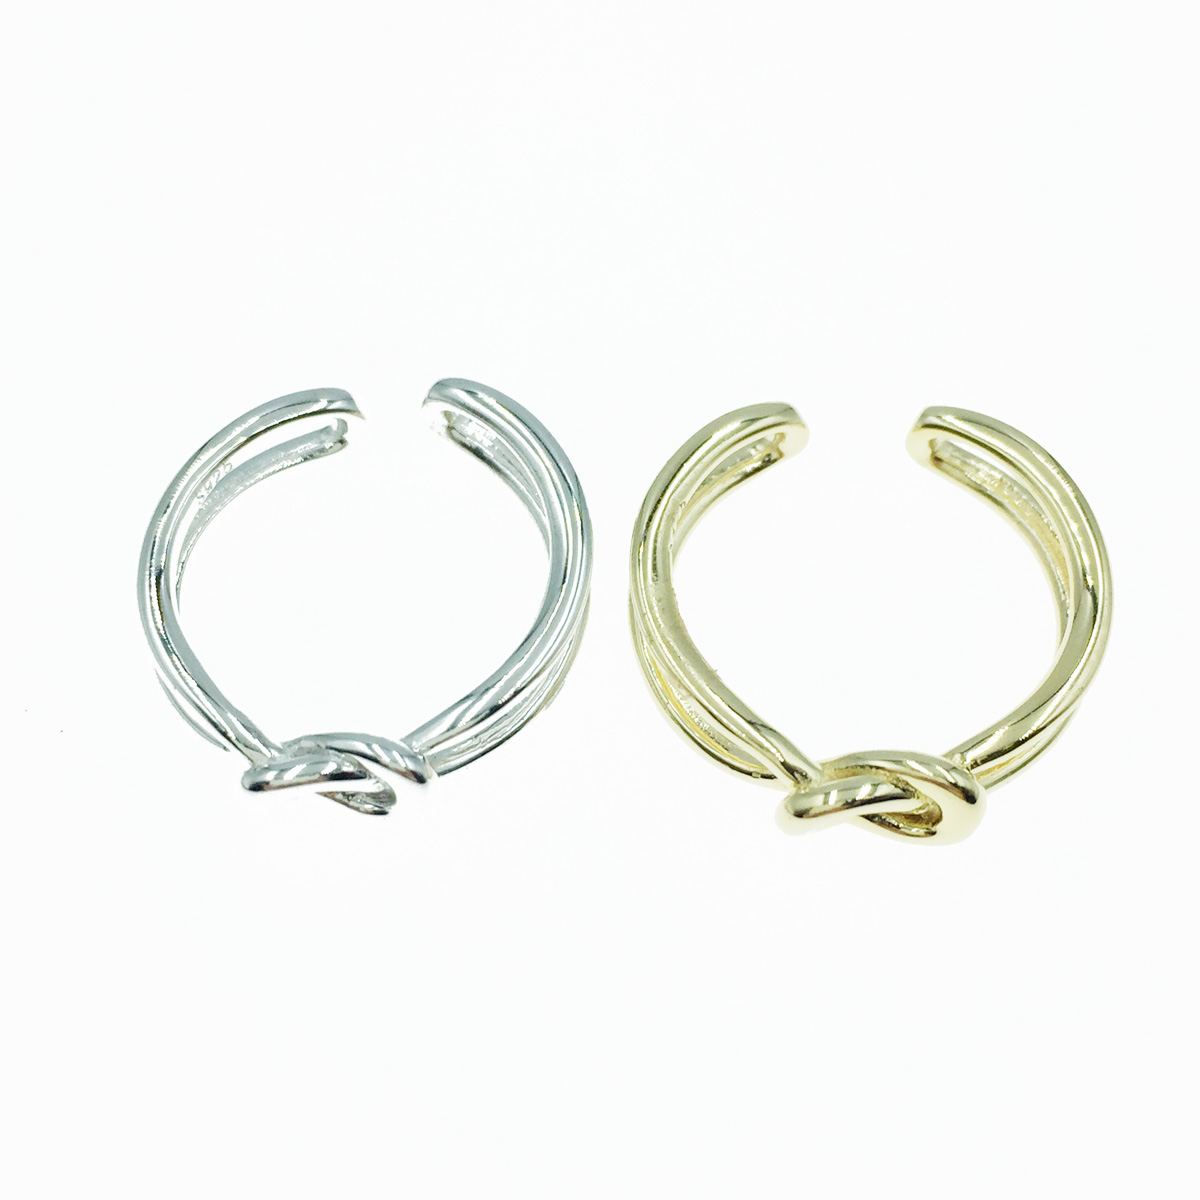 韓國 925純銀 簍空 扭結造型 歐美金屬風 2色 可調式 戒指